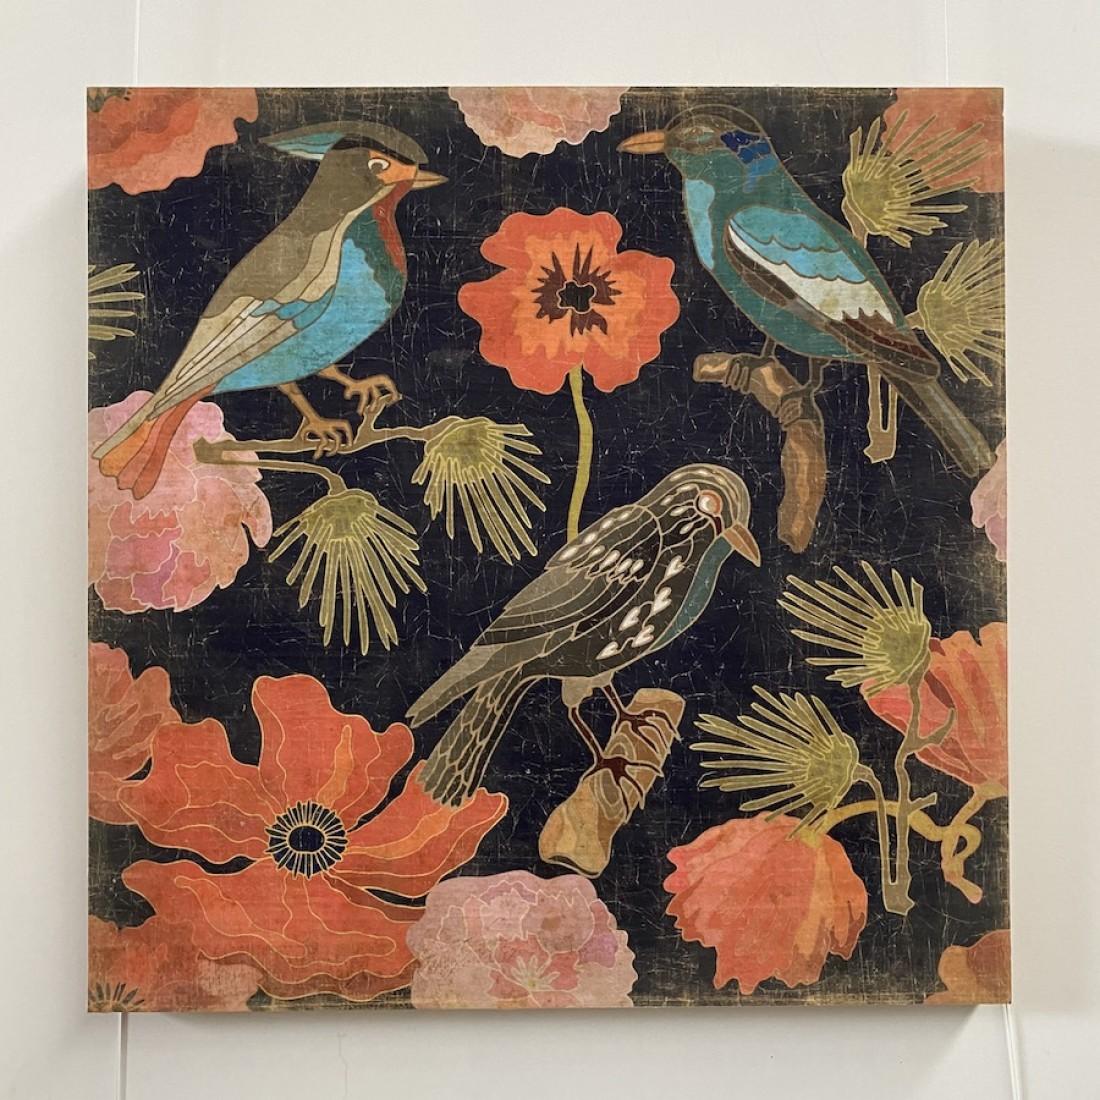 Tableau japonisant aux oiseaux et fleurs rouges - papier froissé marouflé sur cadre bois